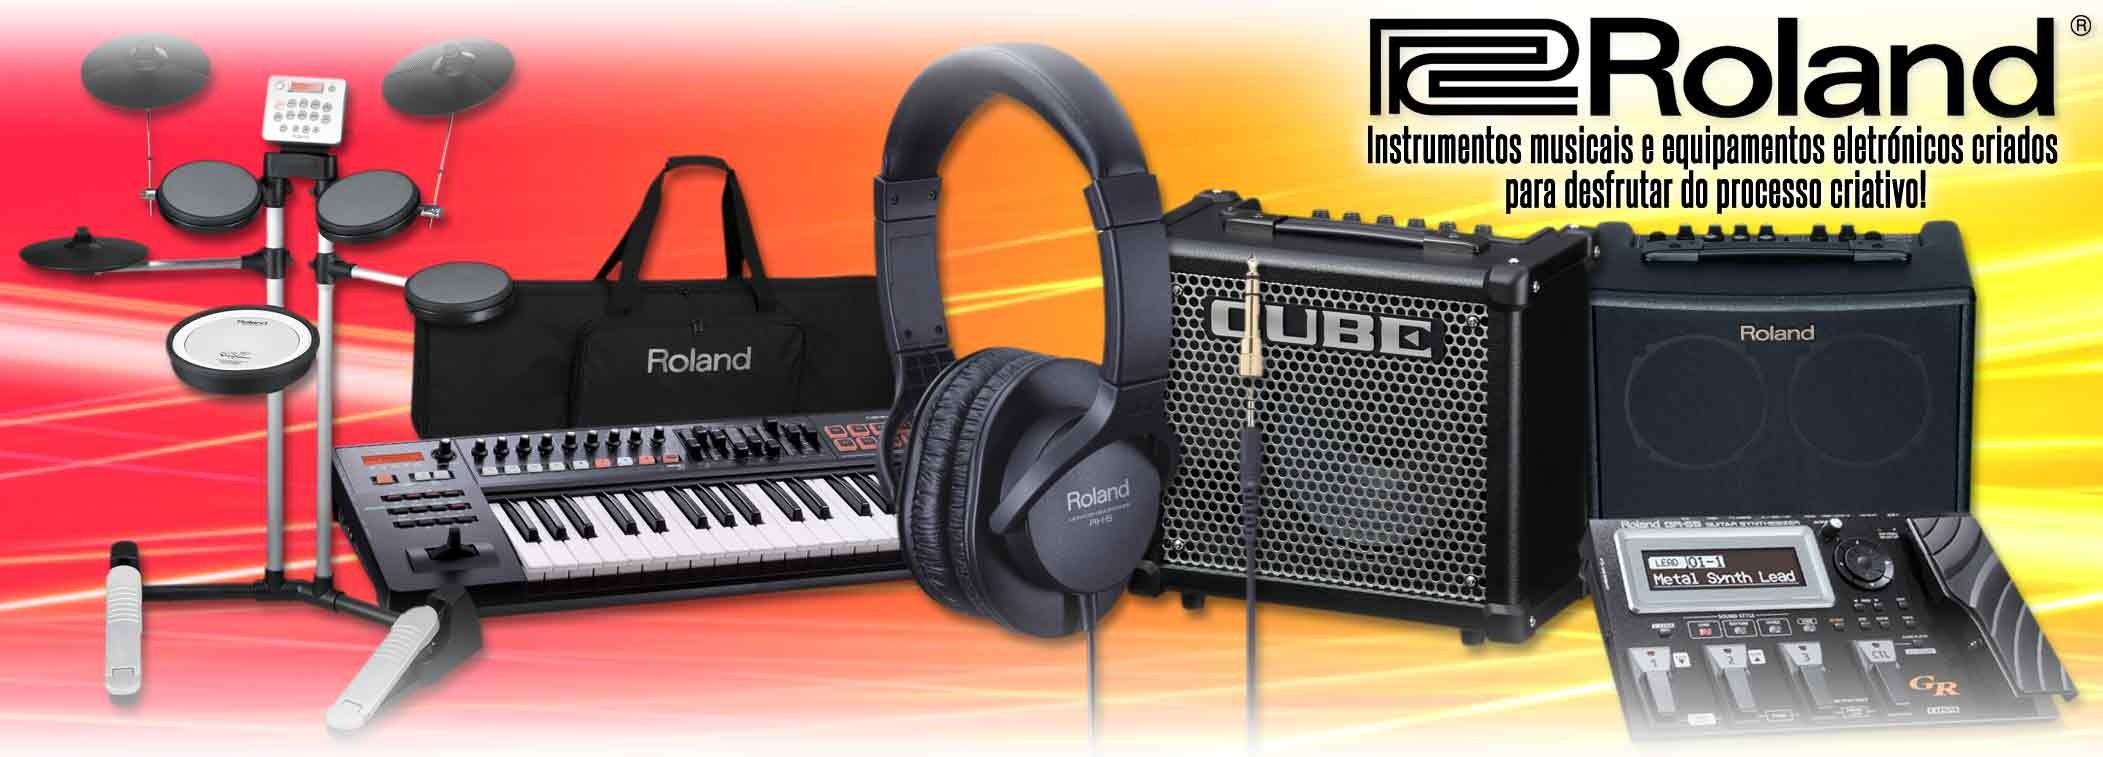 Roland - Instrumentos Musicais e Equipamentos Eletrónicos Criados para Desfrutas do Processo Criativo!